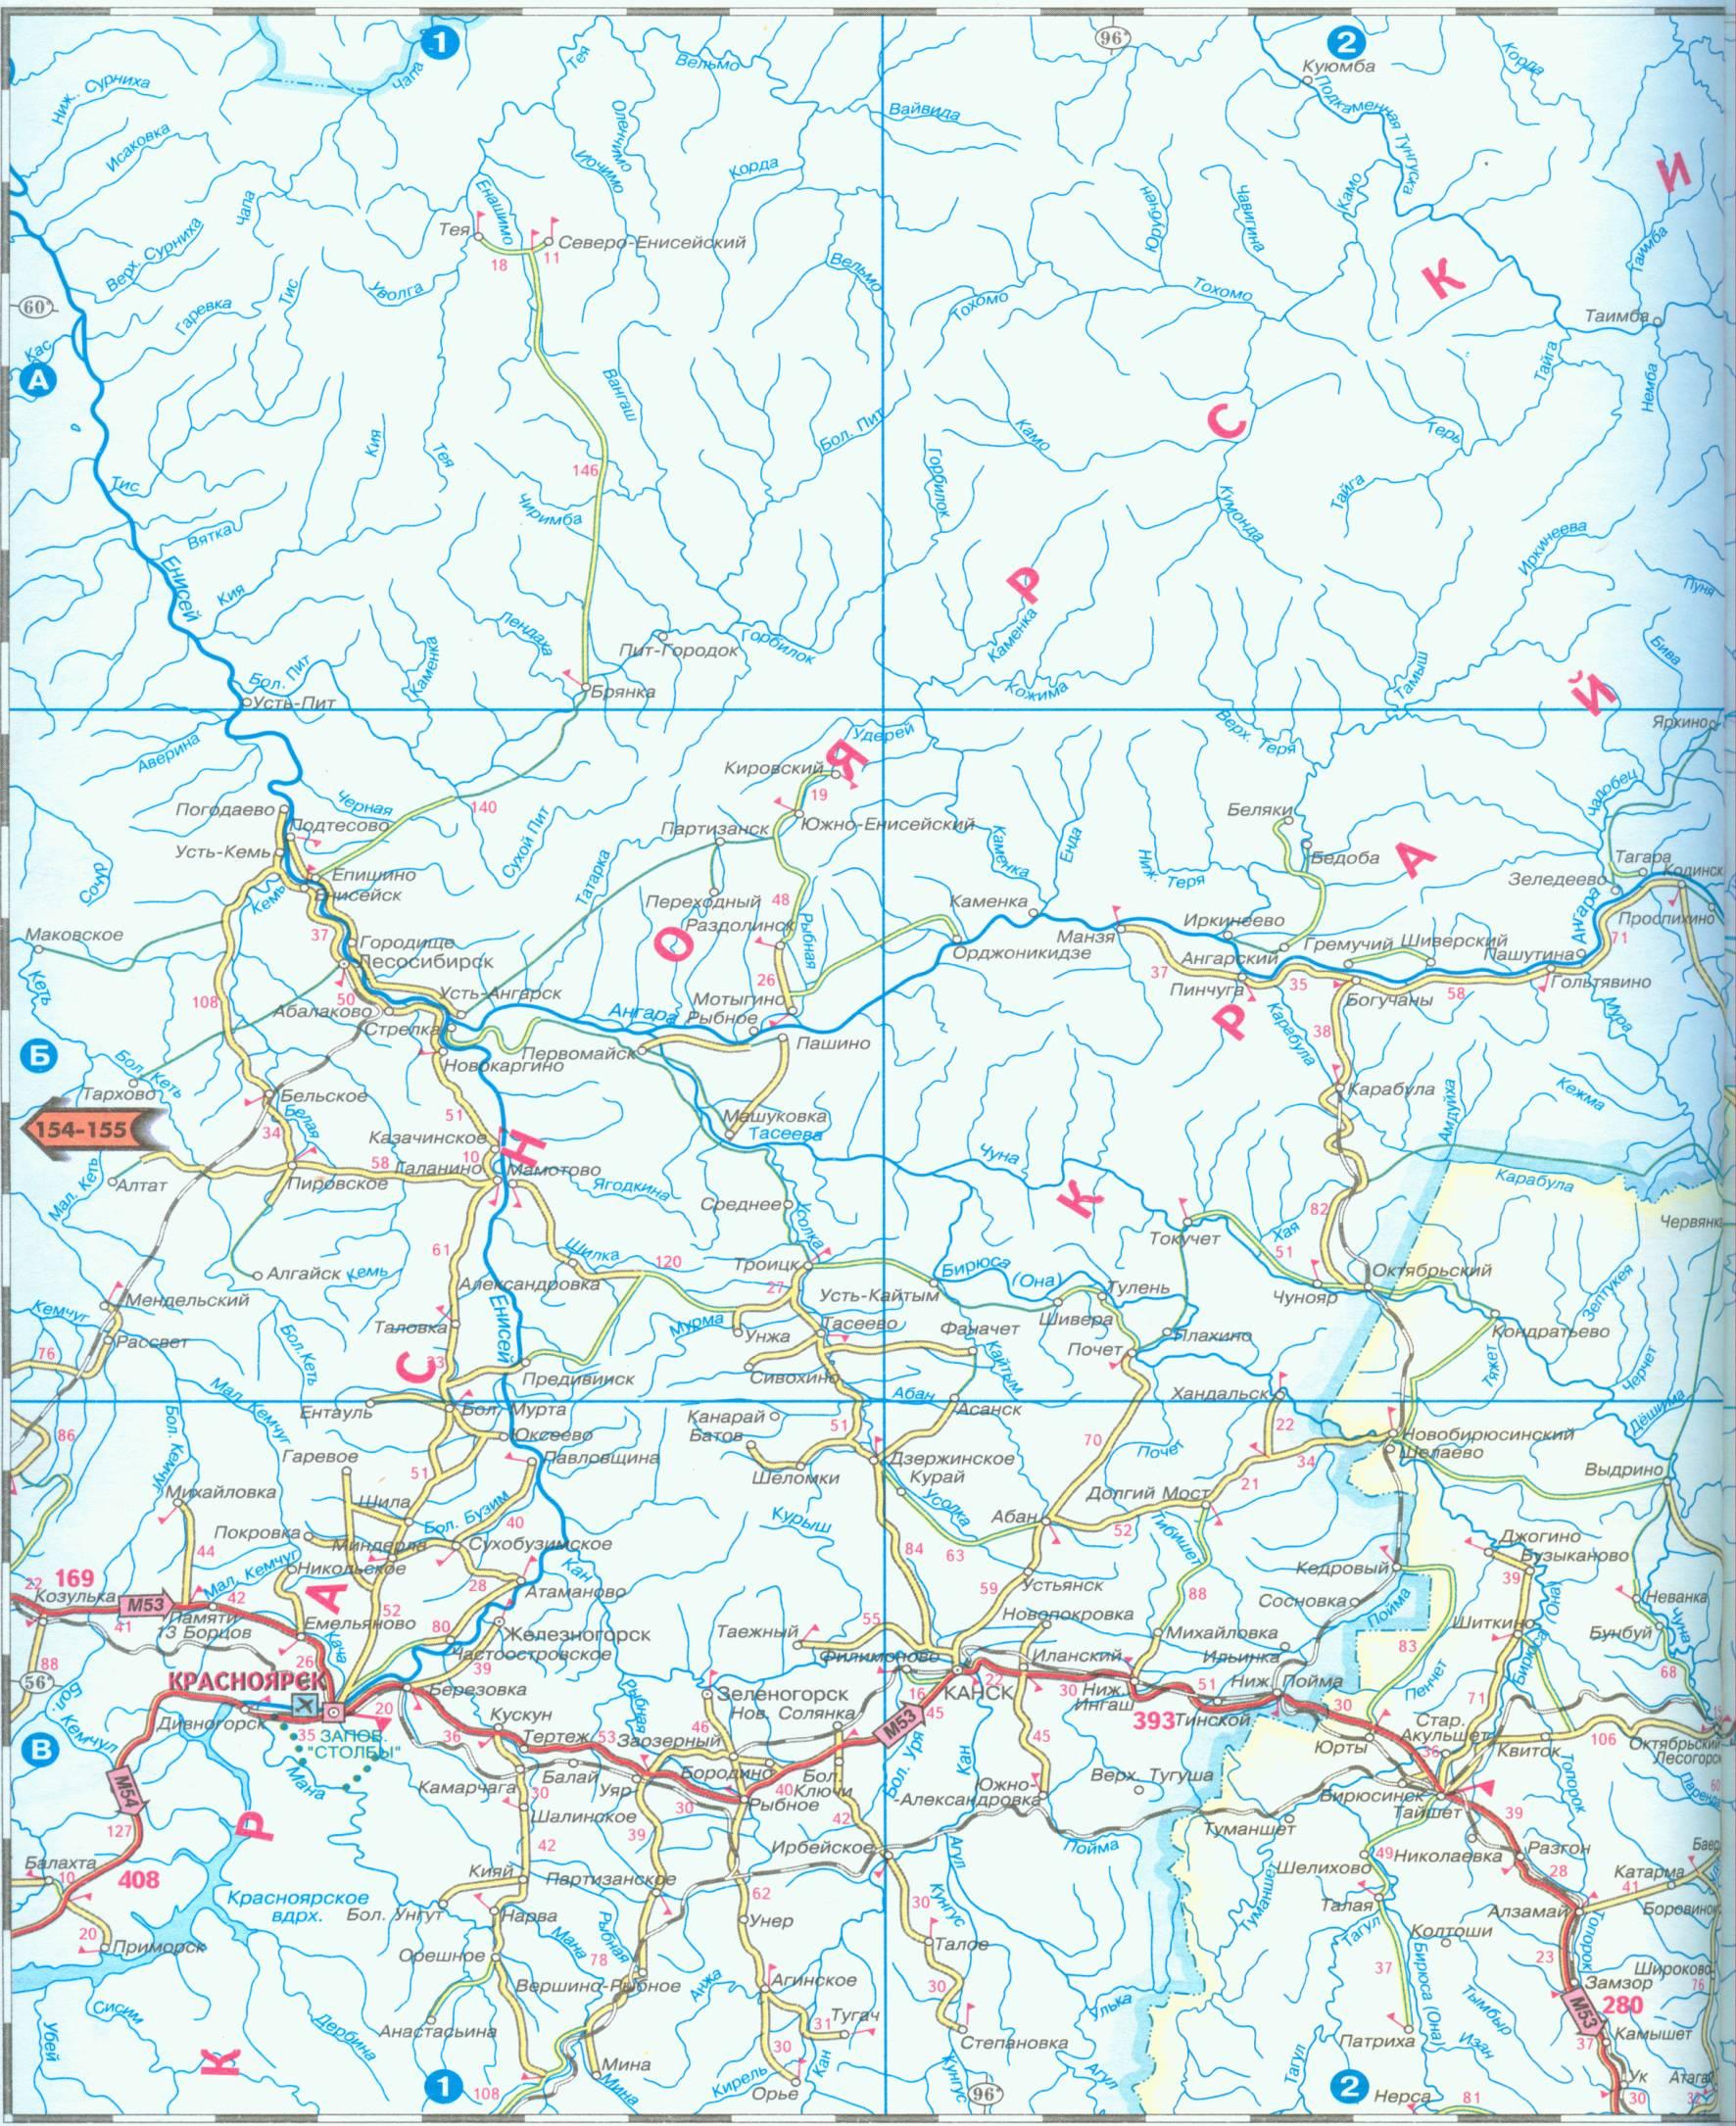 Атлас автомобильных дорог России масштаб 1см:27,5км.  Скачать карту Красноярского края.